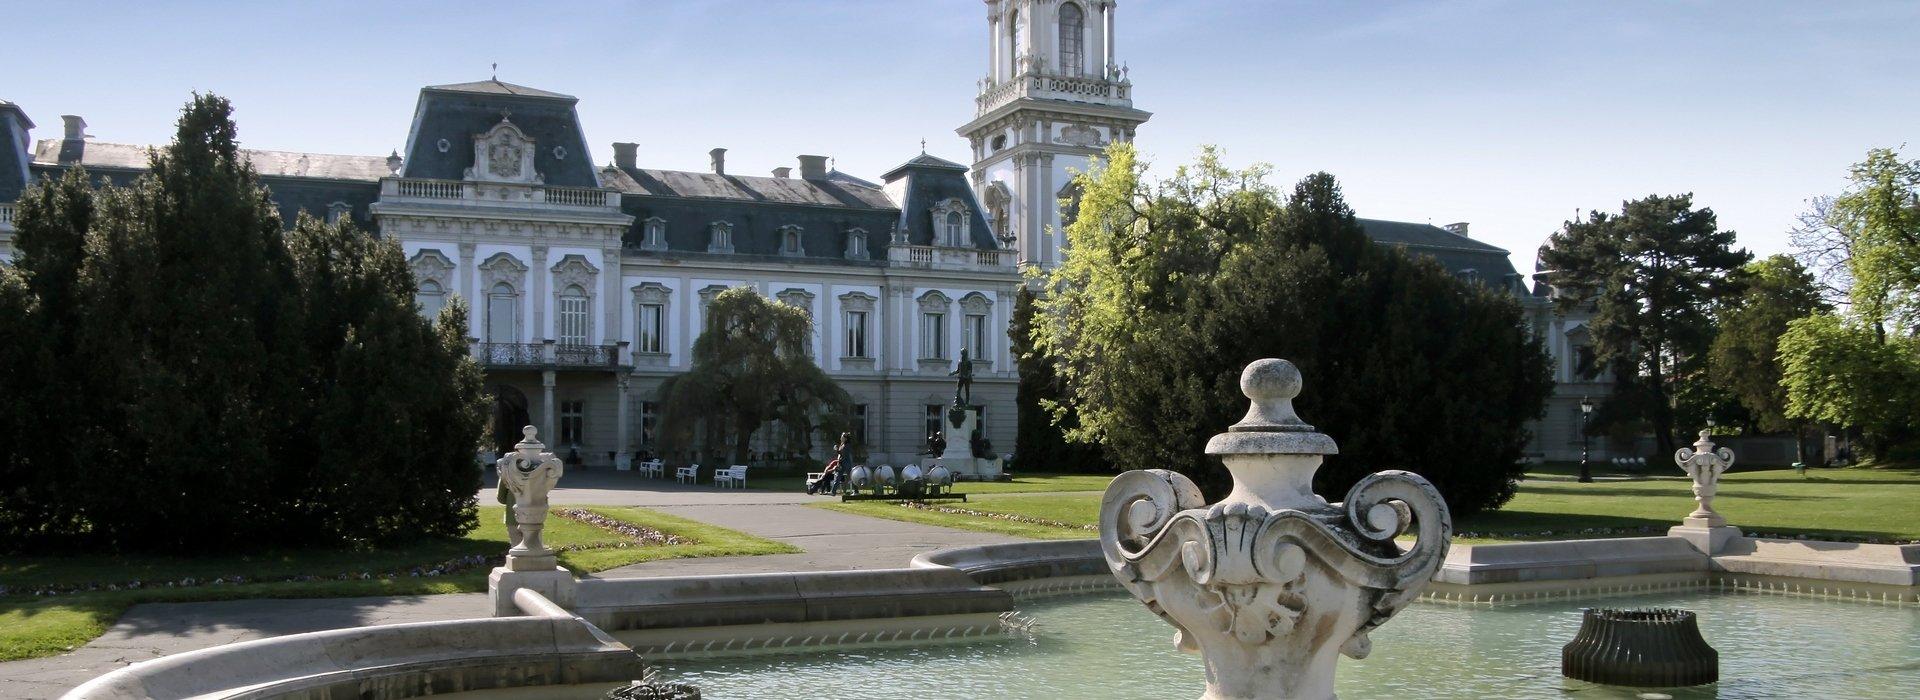 Keszthely History – History of Keszthely